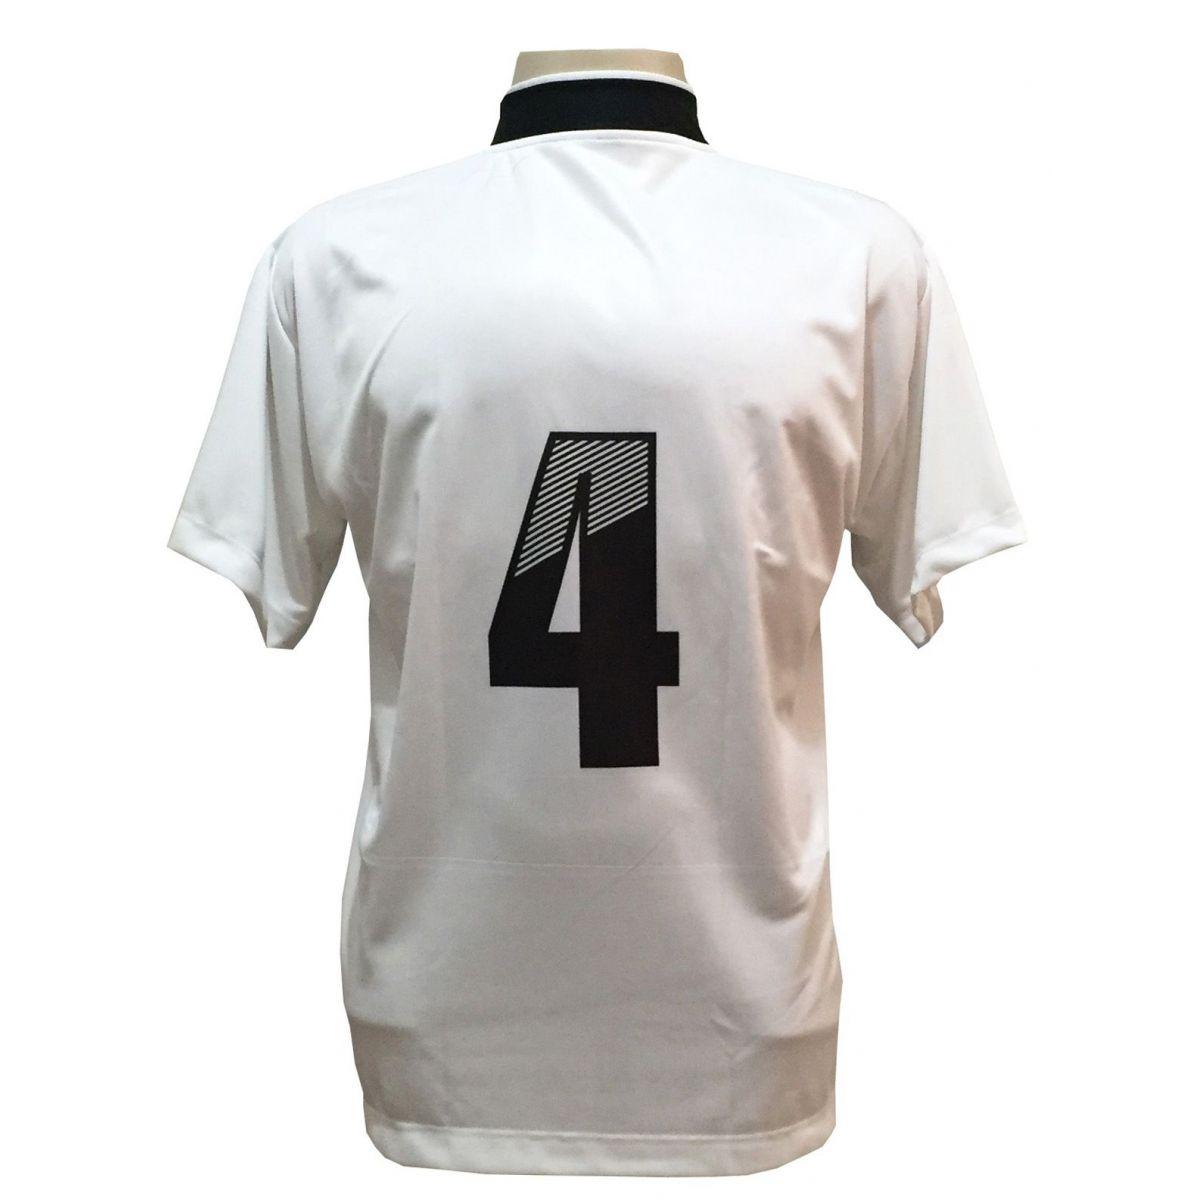 Uniforme Esportivo com 14 camisas modelo Suécia Branco/Preto + 14 calções modelo Copa Preto/Branco + Brindes